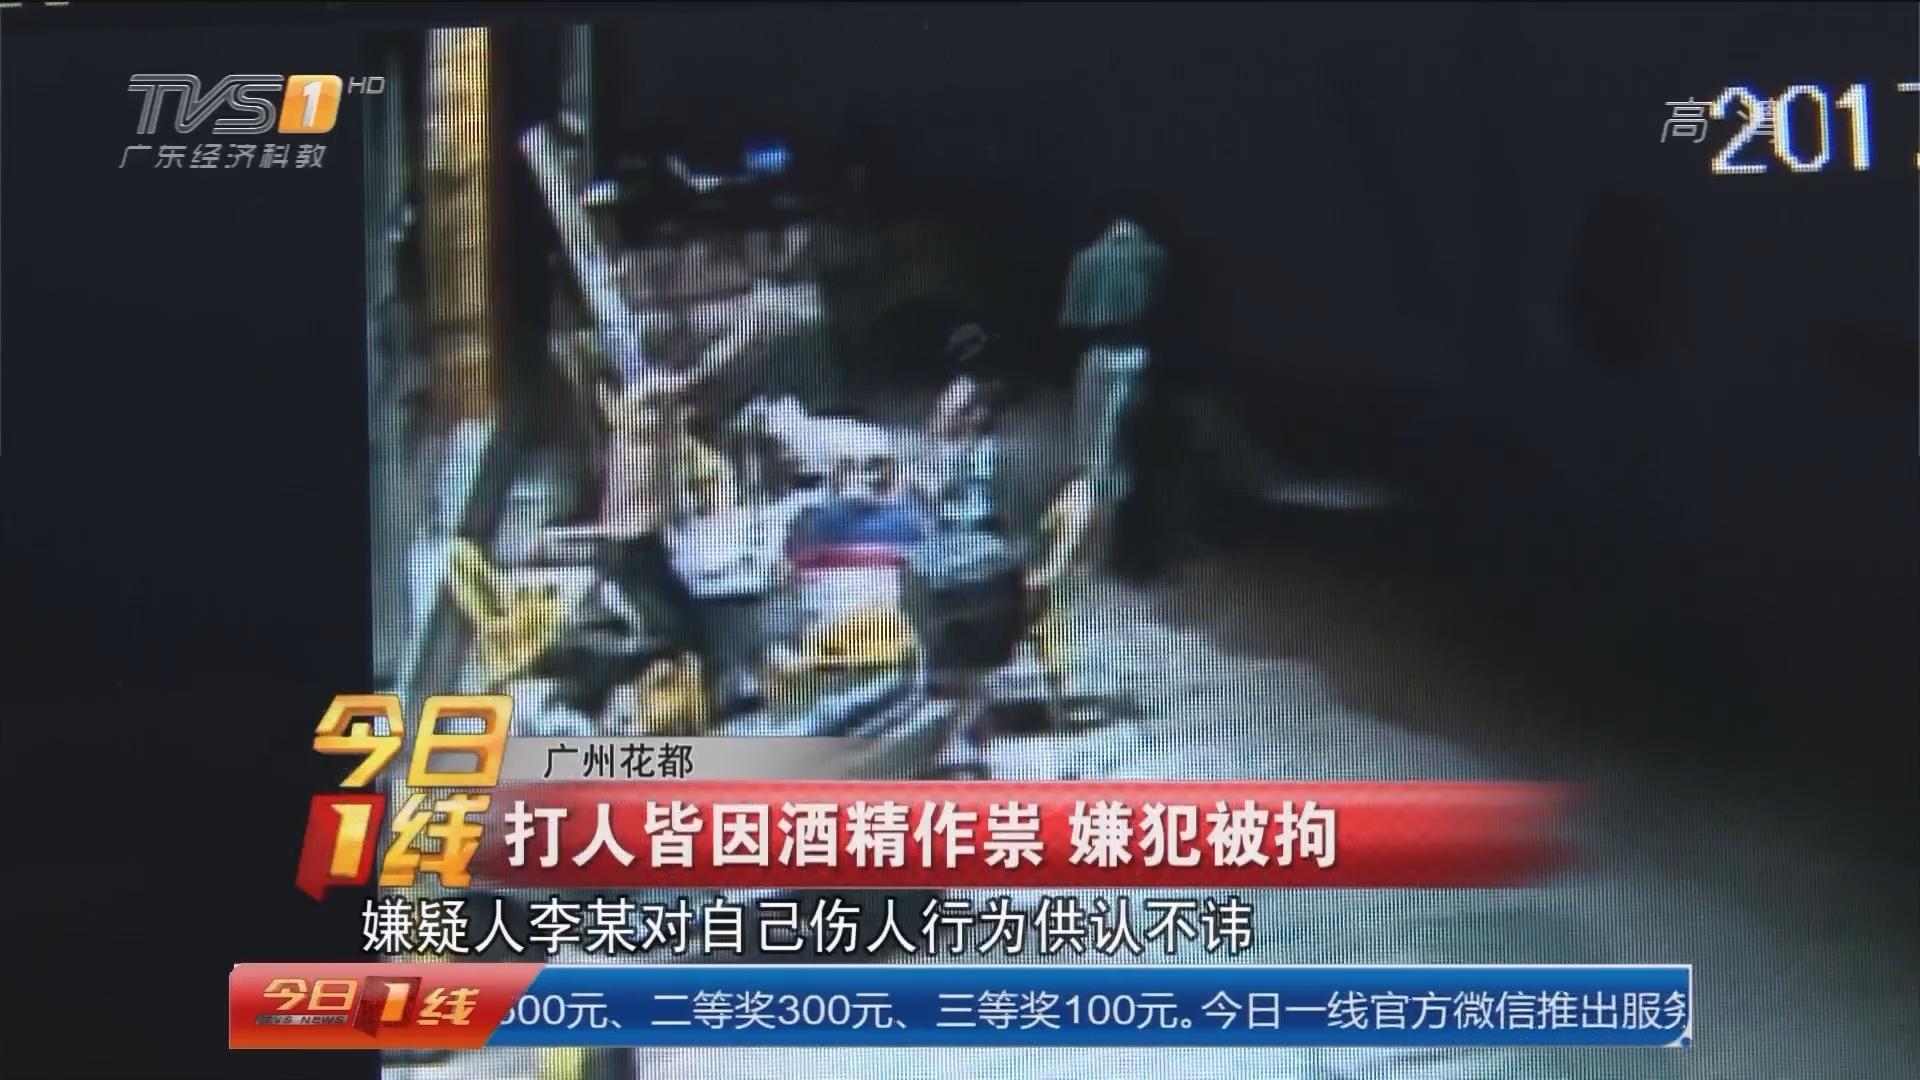 广州花都:突遭横祸 环卫工人莫名被袭致伤